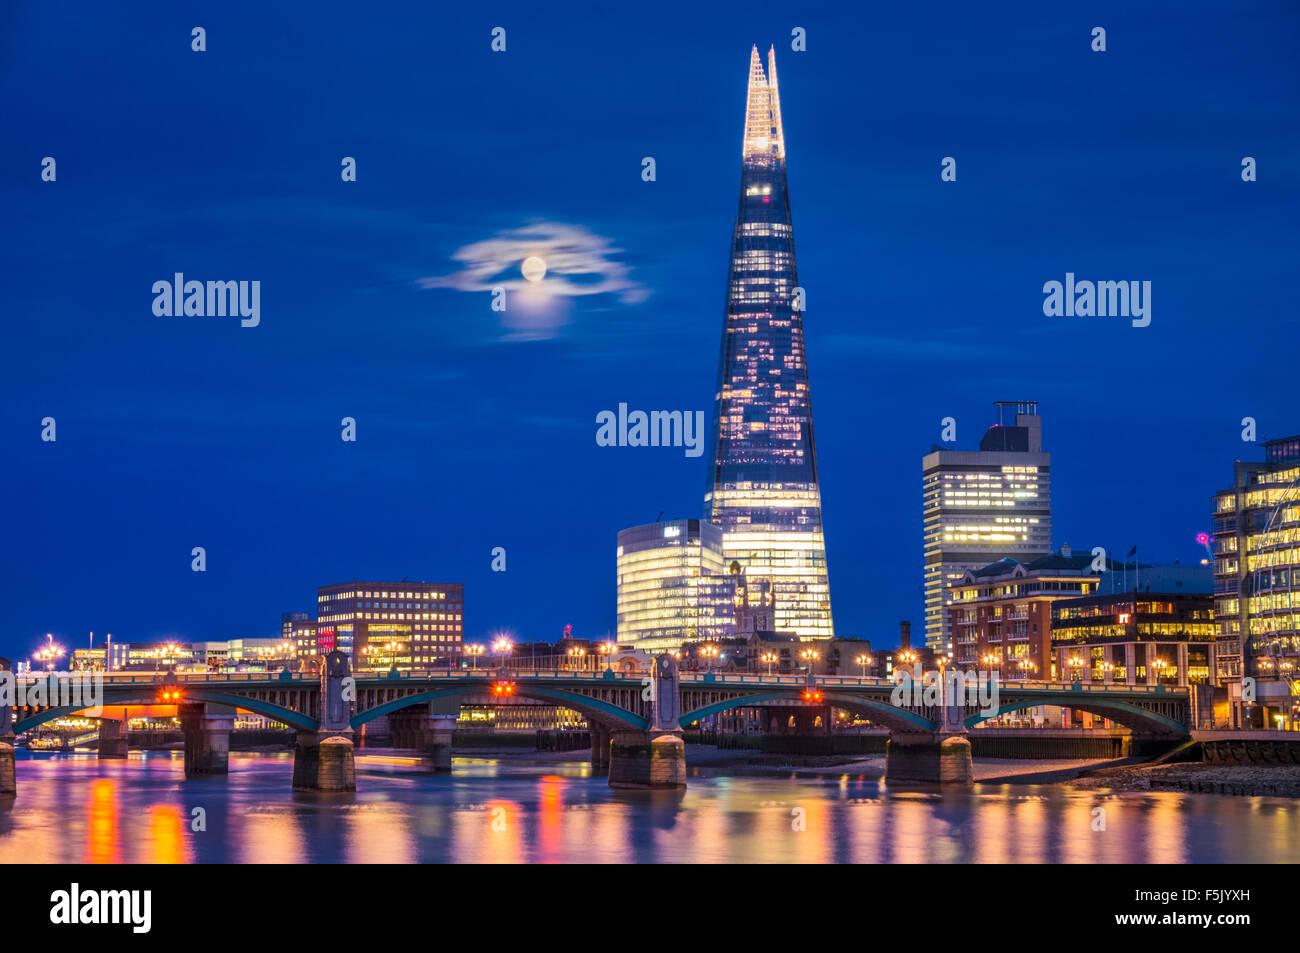 La Shard e sullo skyline di notte Sunset City of London South Bank southwark Londra Inghilterra REGNO UNITO GB EU Foto Stock